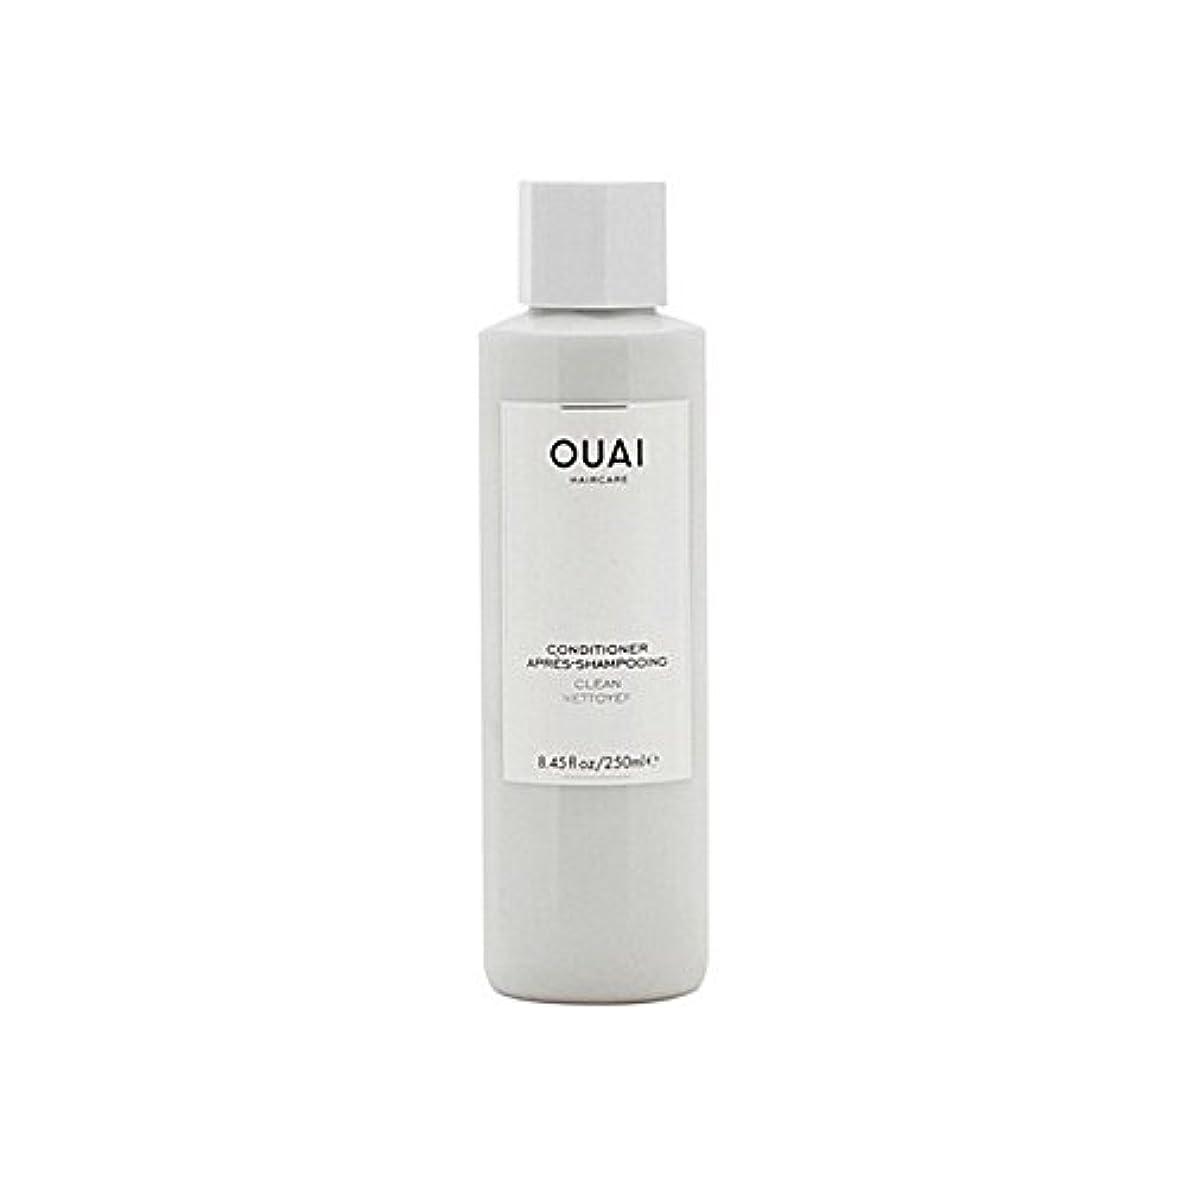 開発つかむ組み合わせOuai Clean Conditioner 300ml (Pack of 6) - クリーンコンディショナー300ミリリットル x6 [並行輸入品]